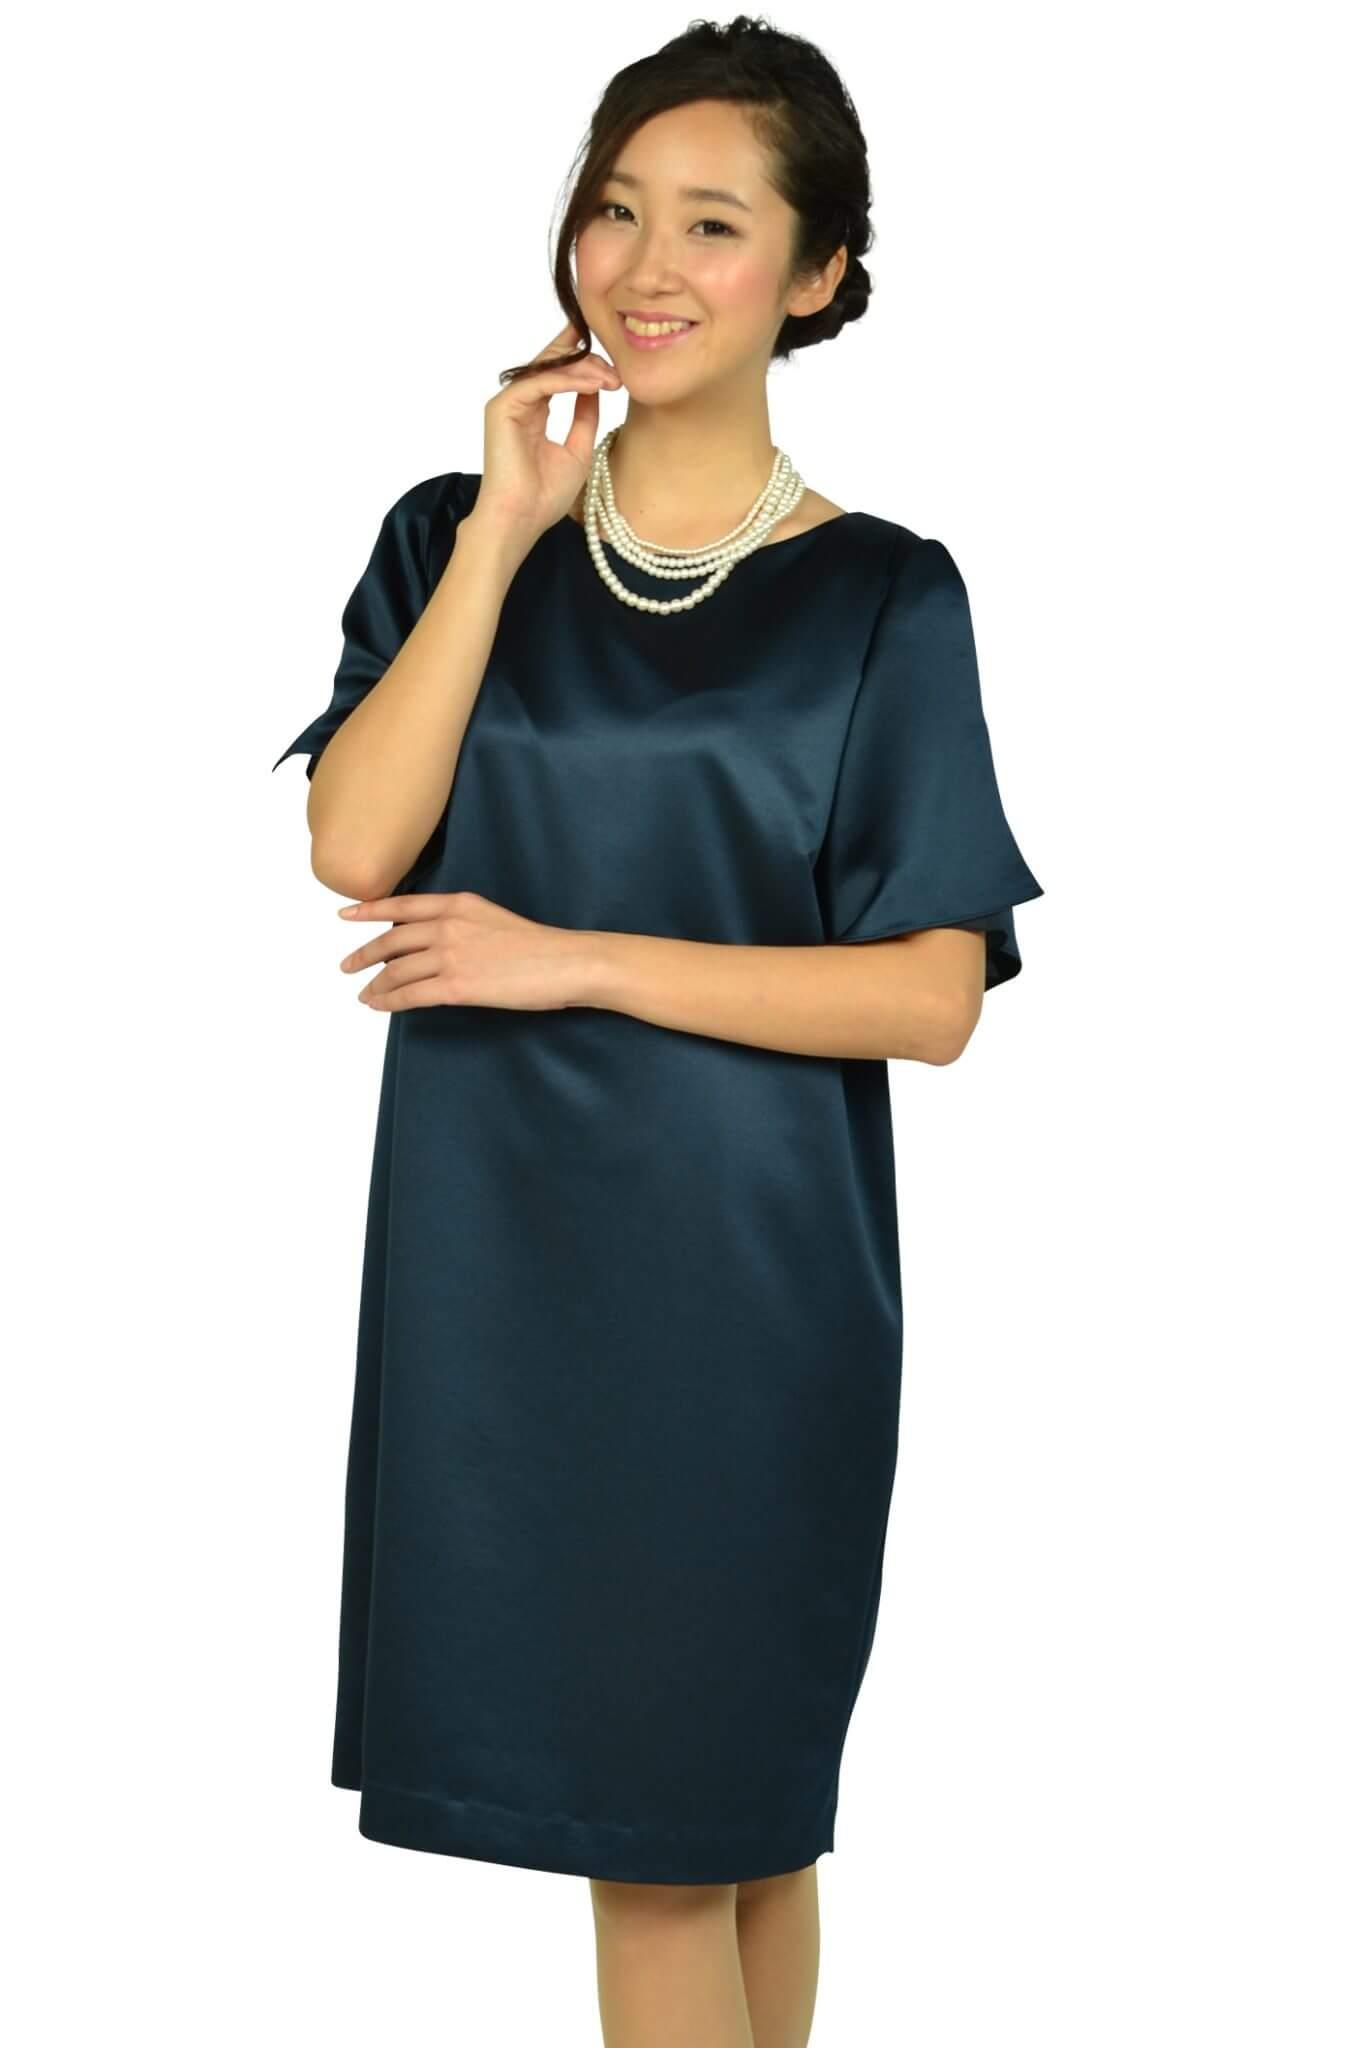 アンタイトル(UNTITLED) 光沢ネイビーゆったりドレス